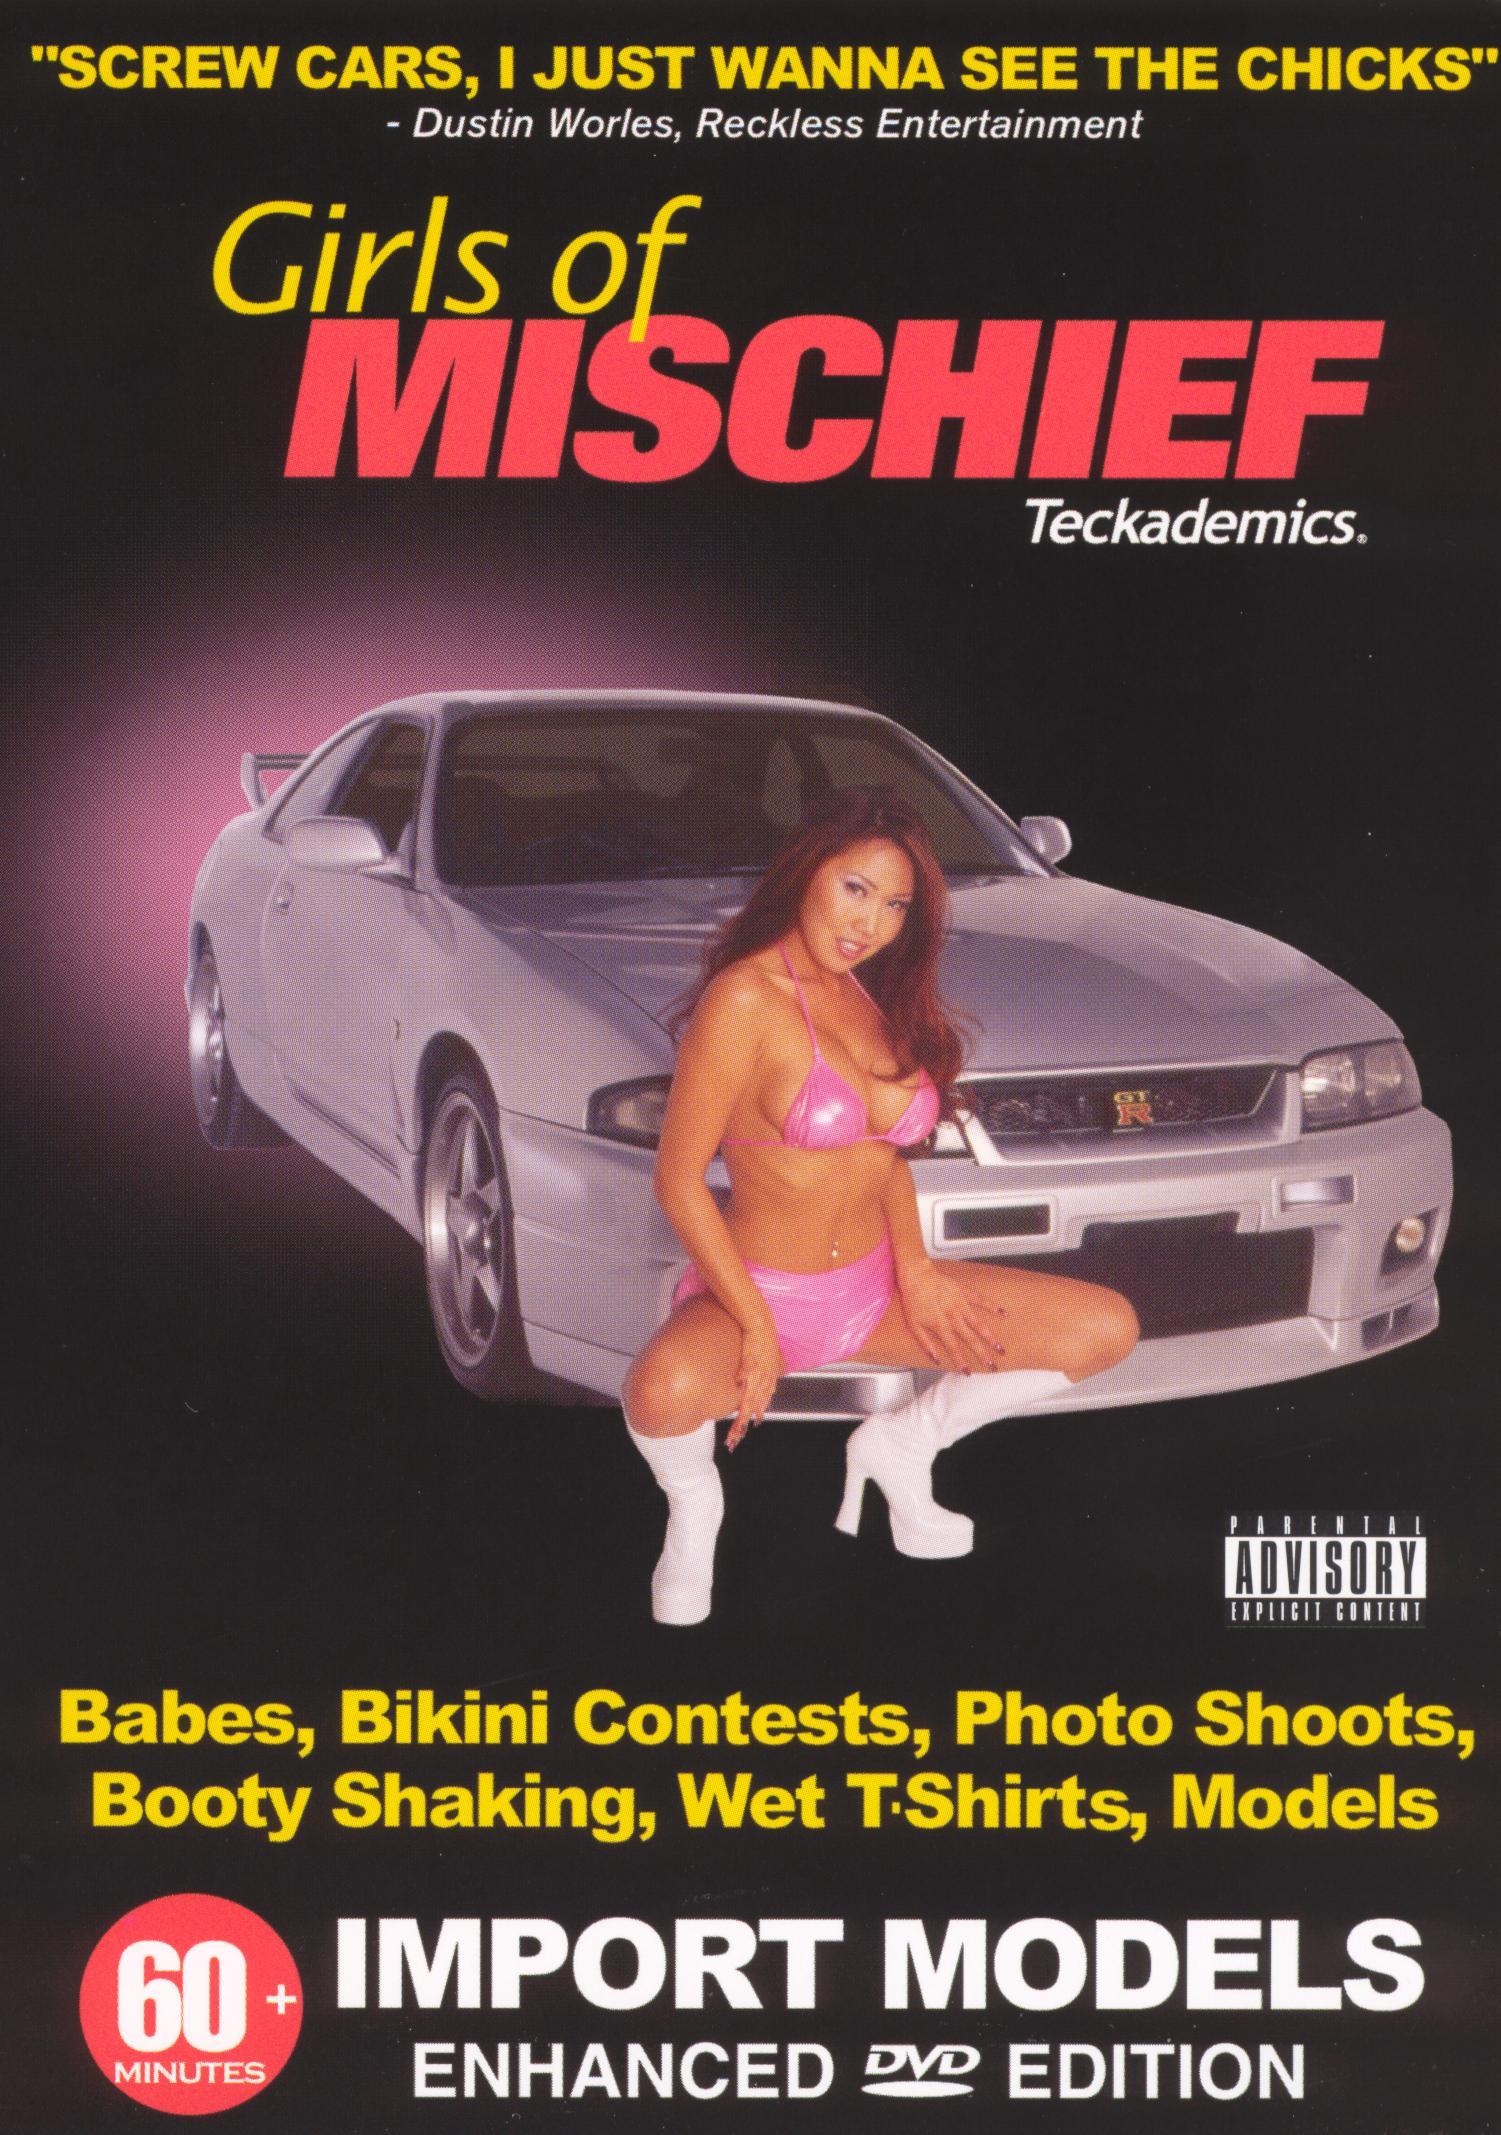 Girls of Mischief